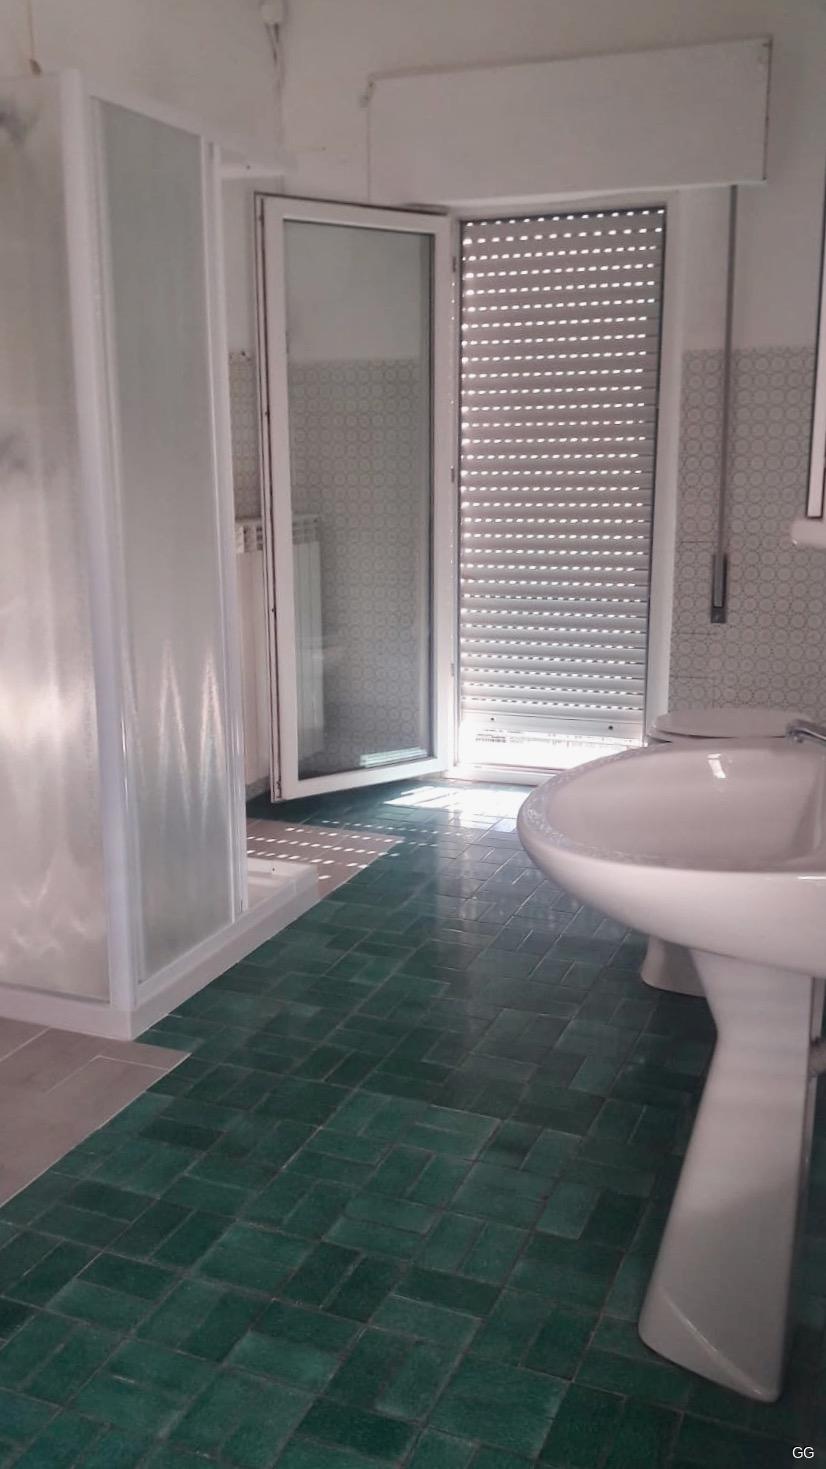 großes Duschbad mit Fenster